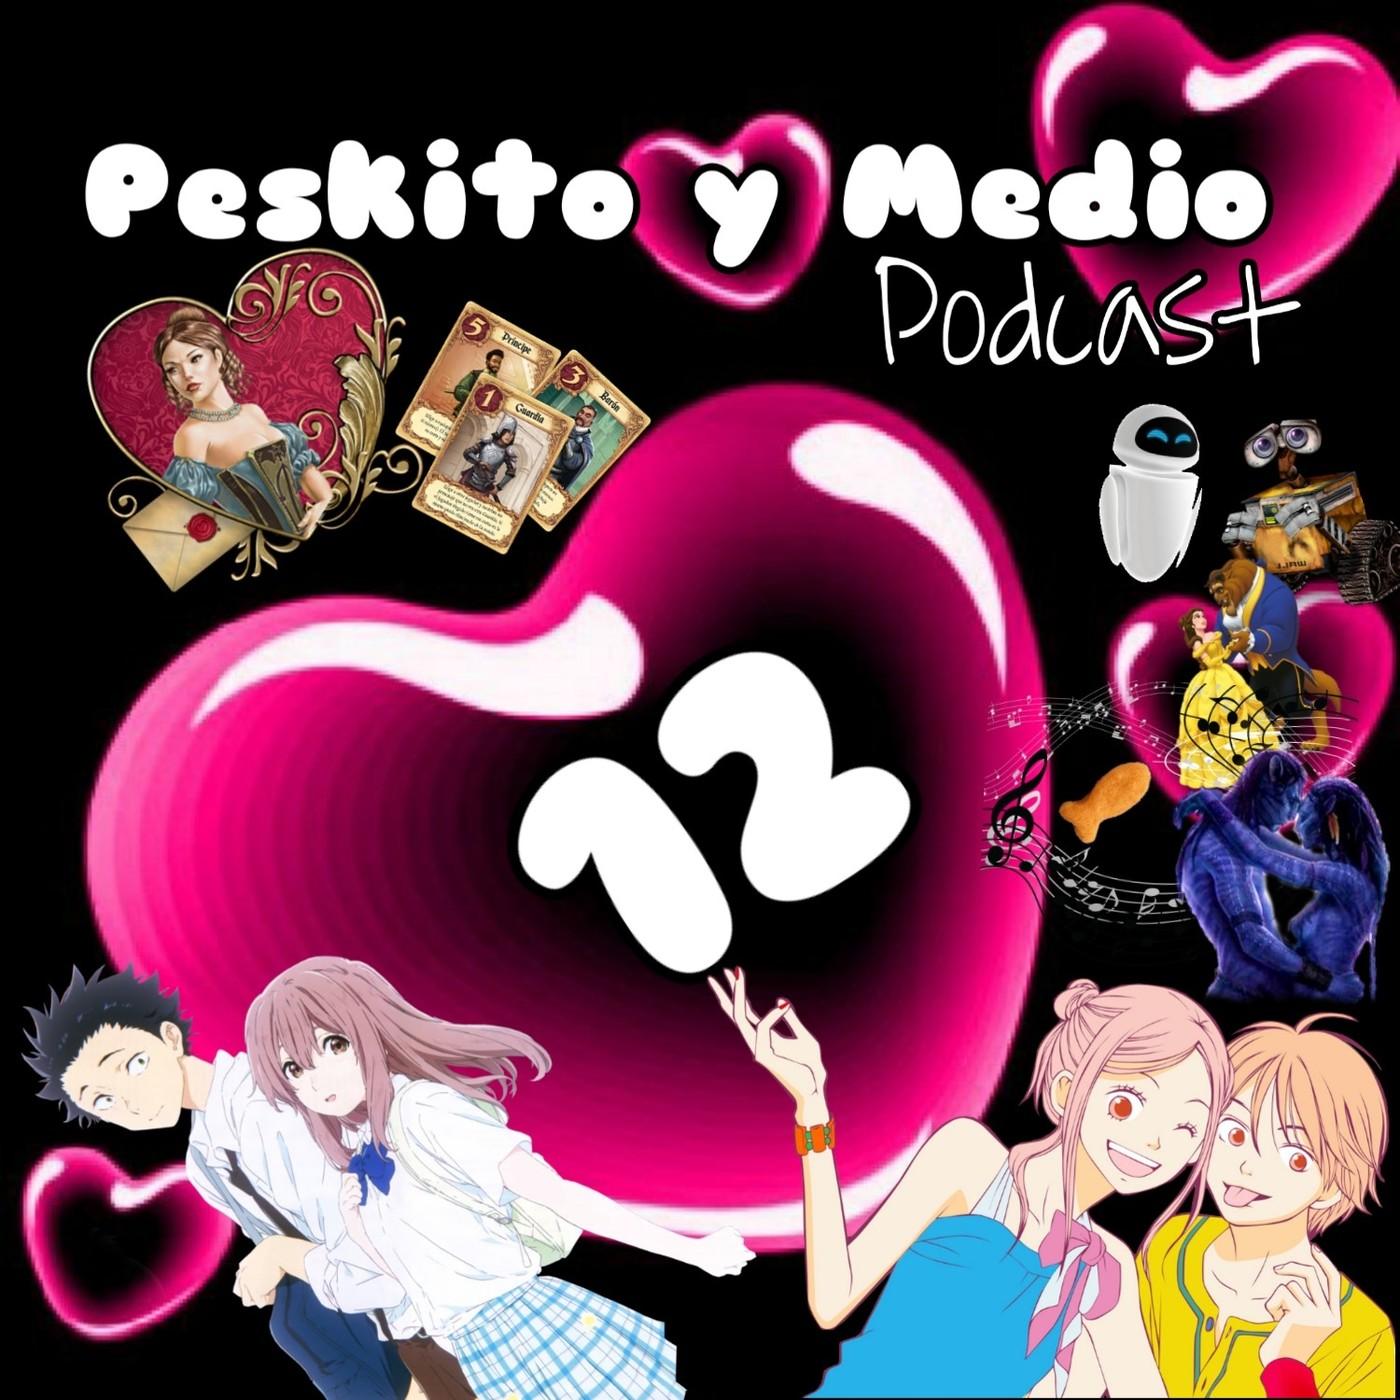 Podcast Peskito y Medio 12. Especial Enamorados: Lovely Complex - Love Letter - A silent voice - Concurso BSOs